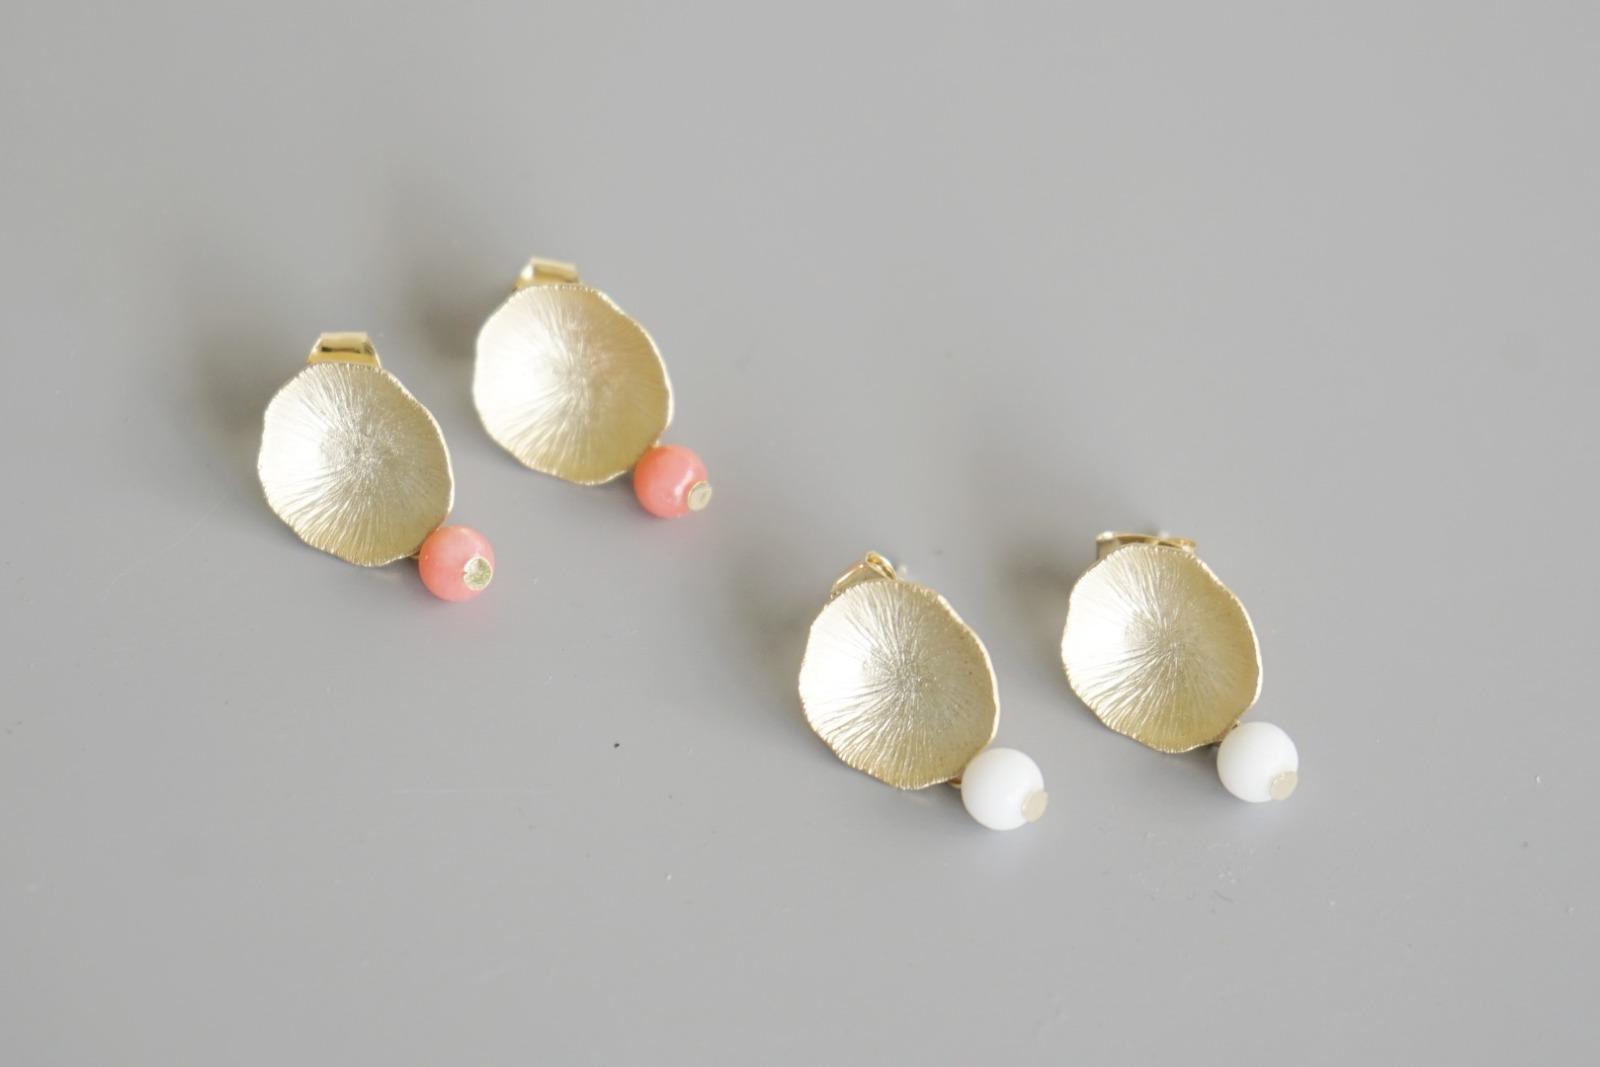 Ohrstecker Lotusblatt vergoldet mit Perle rosa Koralle - 3